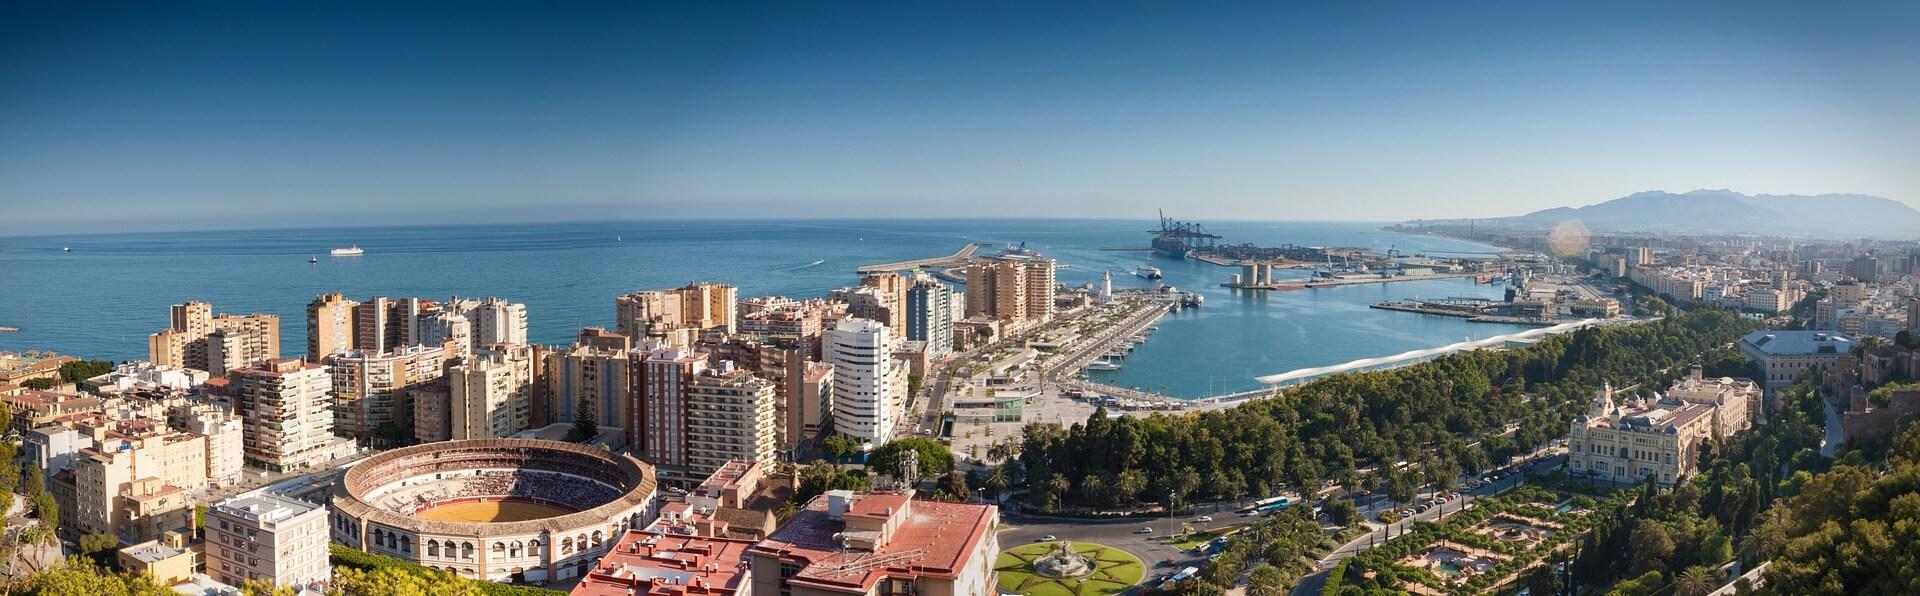 Direktflüge und Billigflüge ab Amsterdam nach Málaga